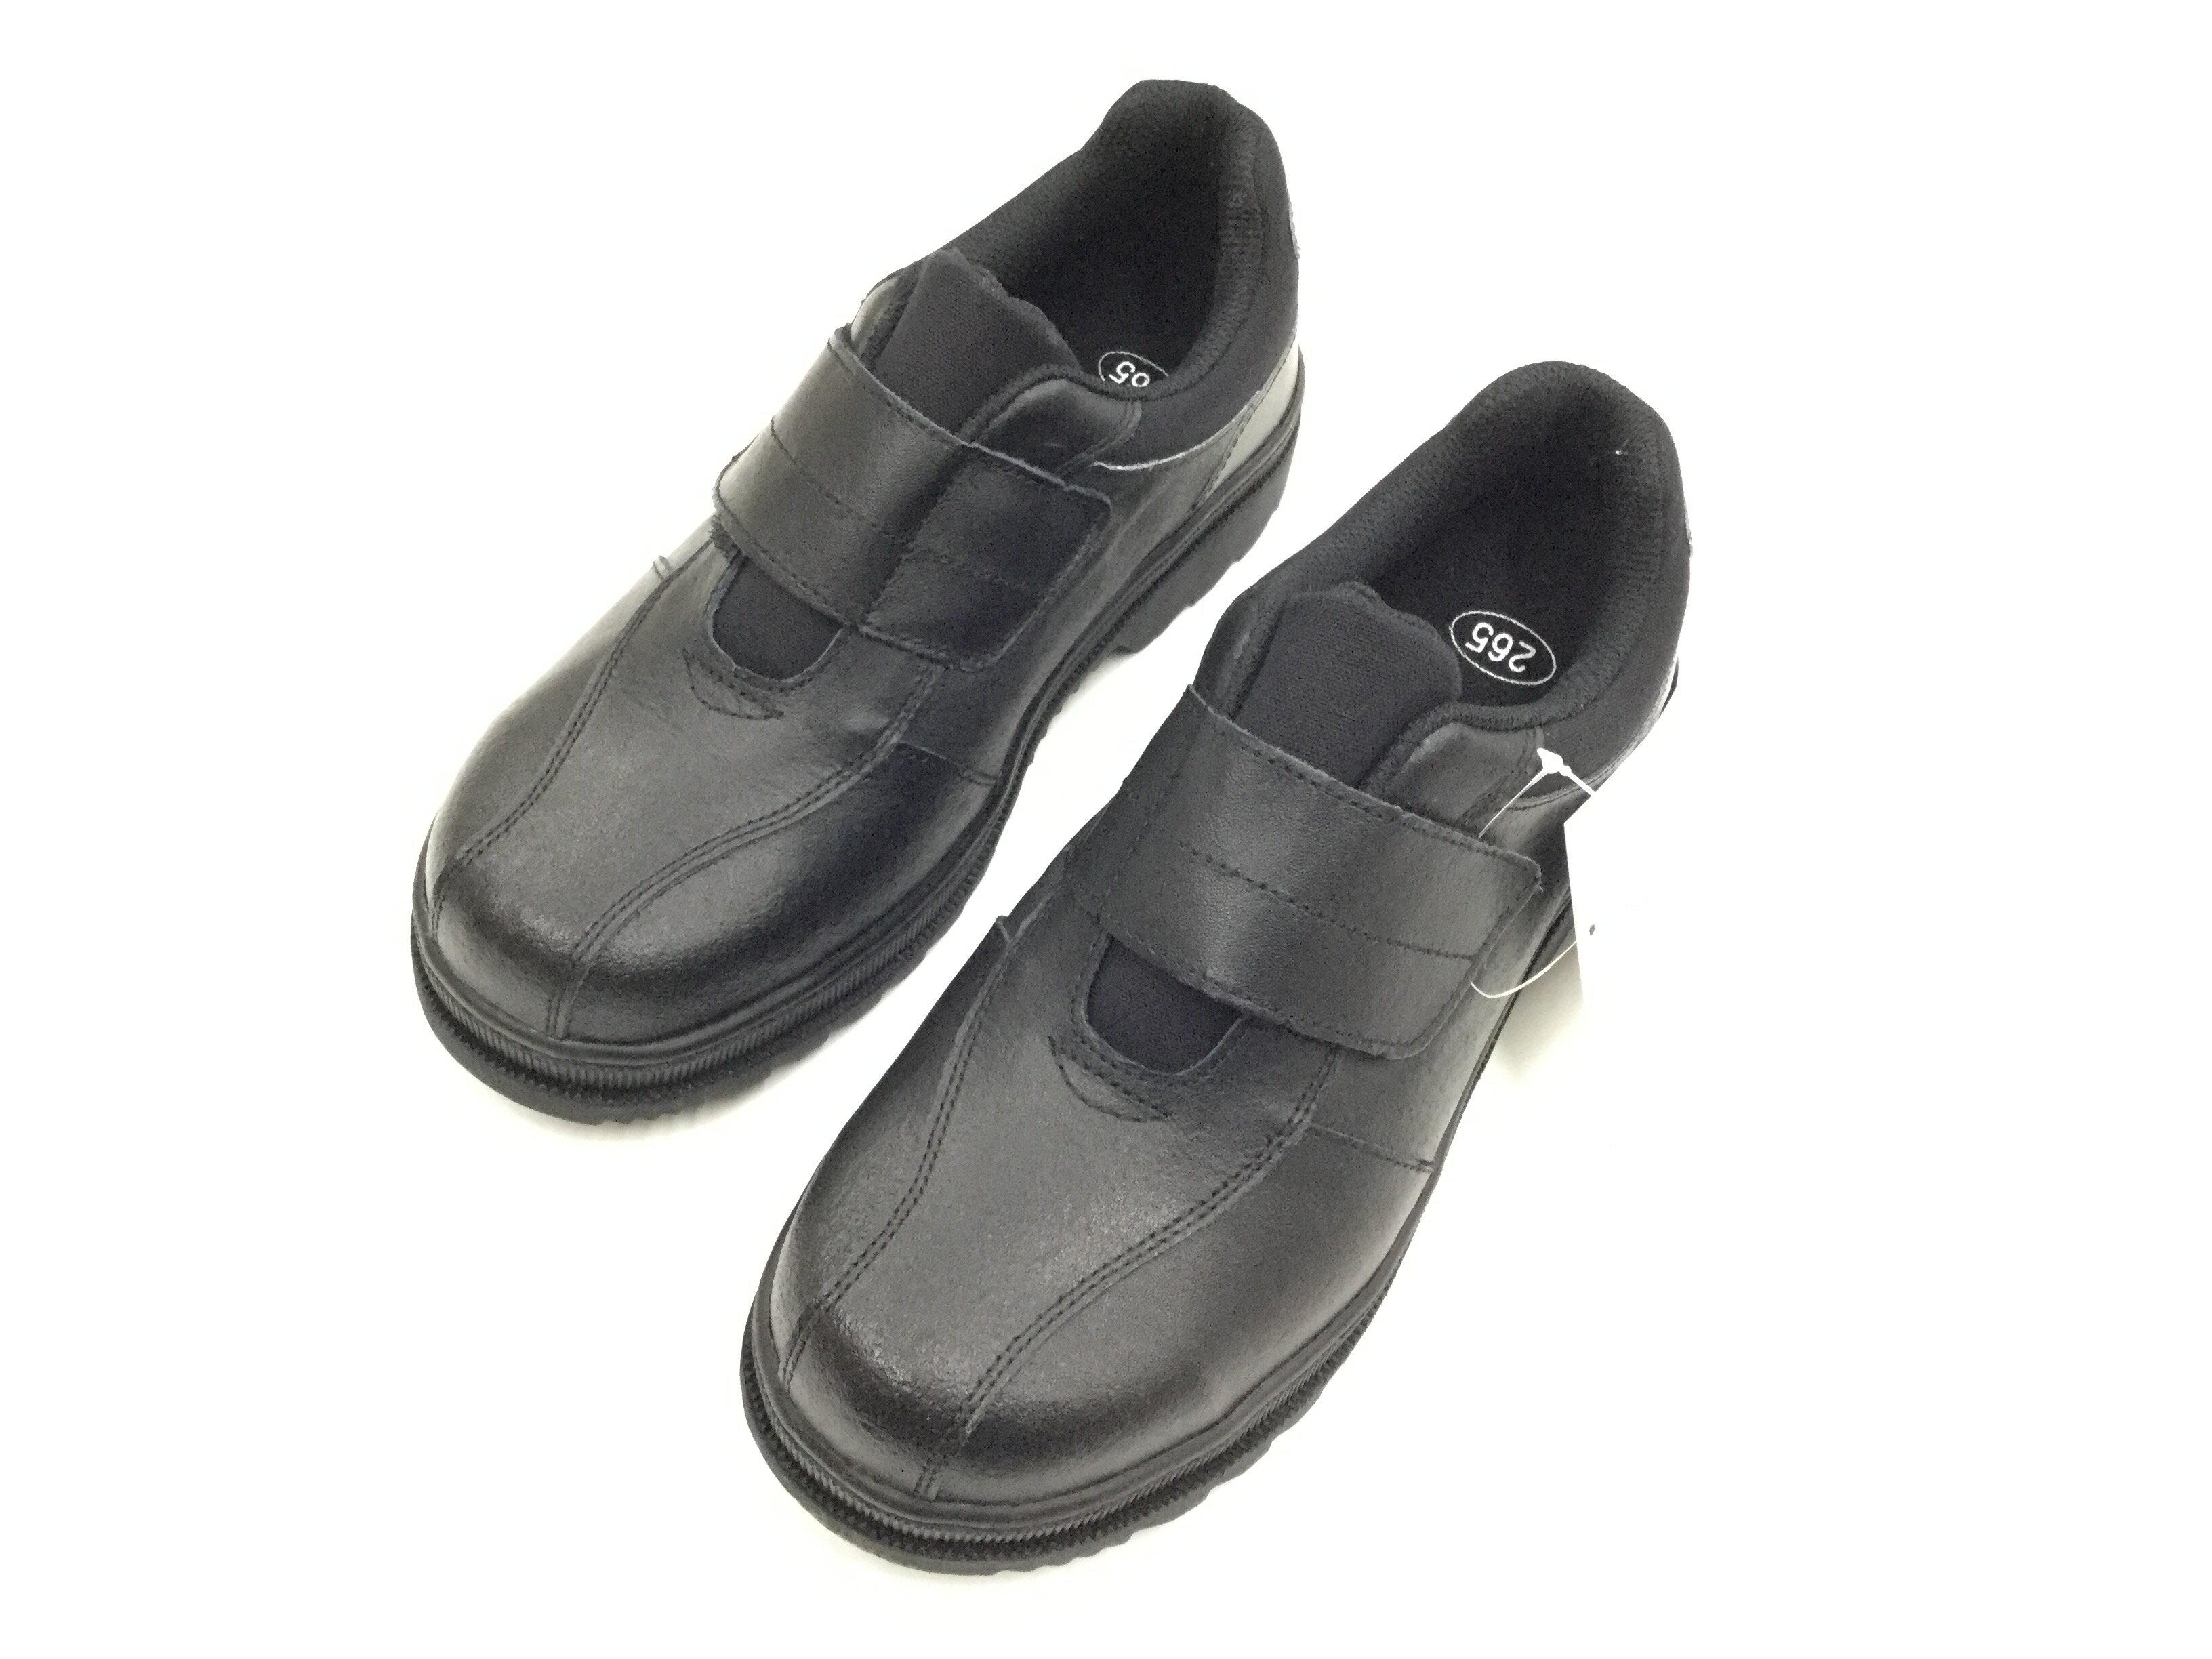 ※555鞋※鐵客 鞋帶款 安全鞋1366  黑色 耐滑大底 工作鞋 鋼頭鞋 台灣製造~品質保證※贈送襪子~